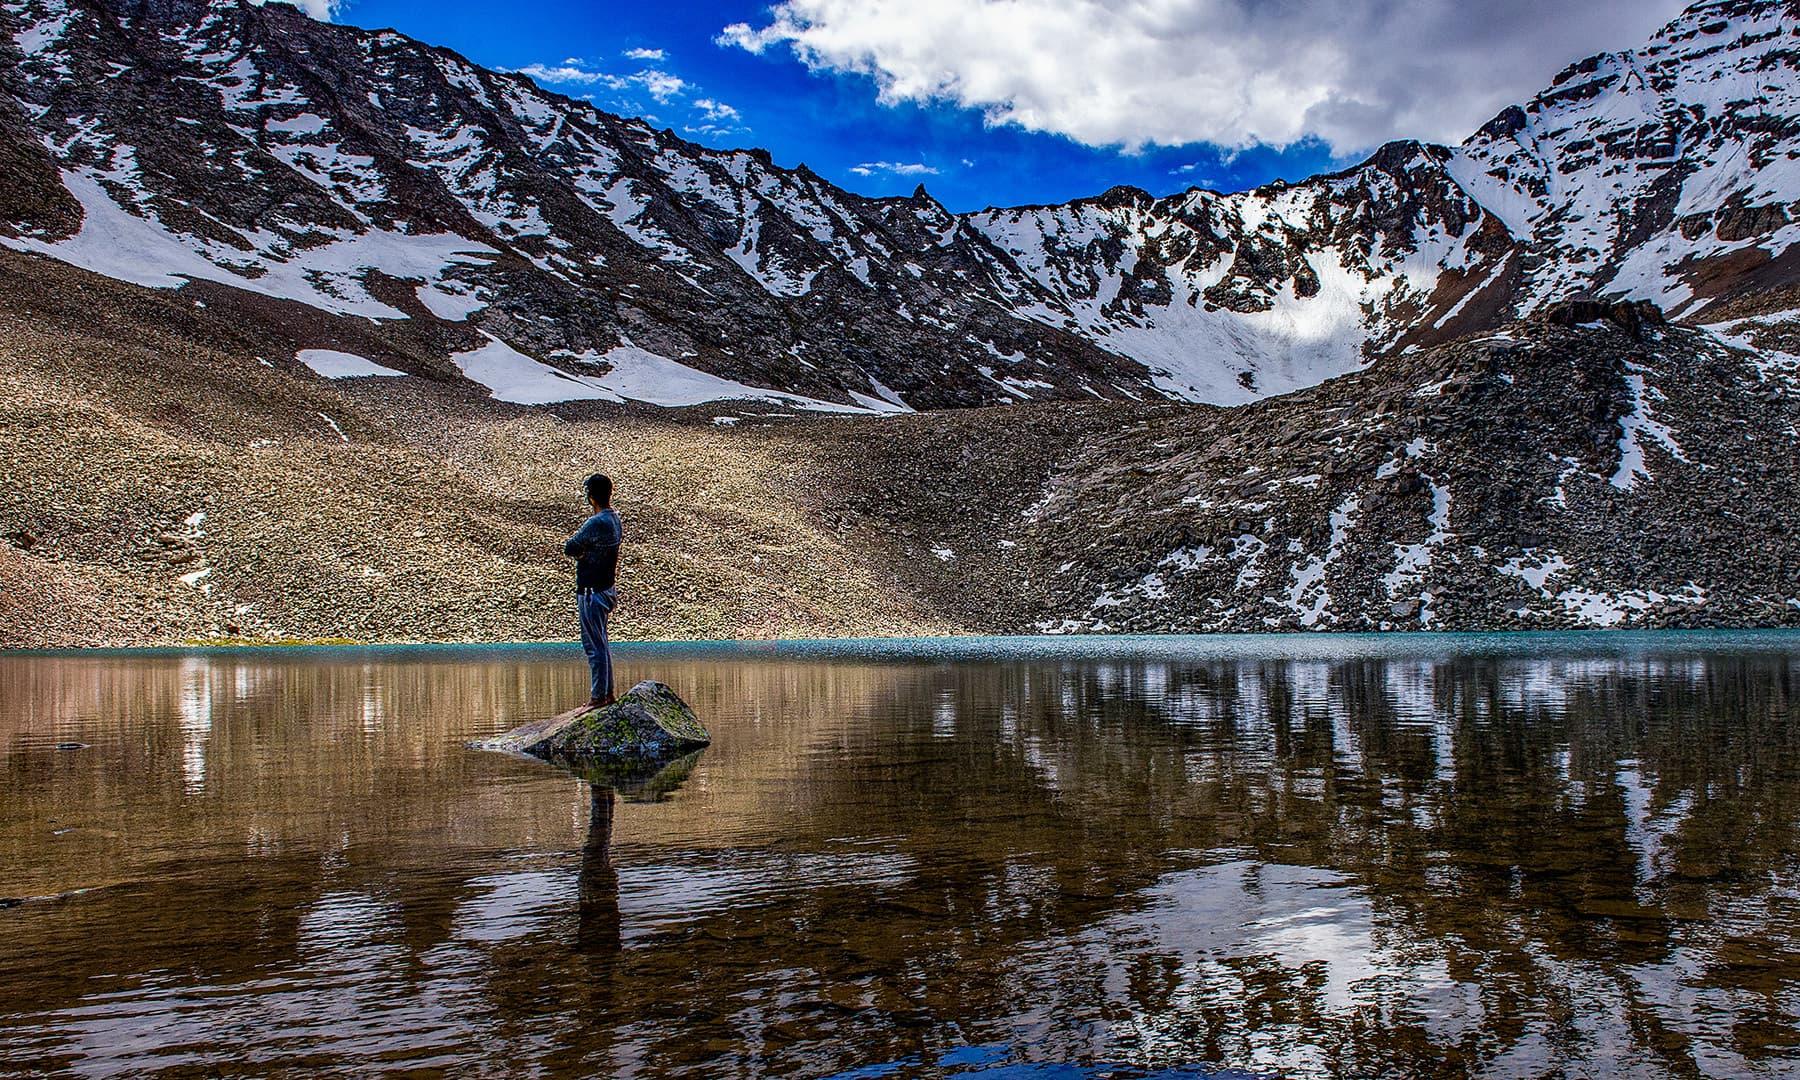 جھیل کا پُرسکون ماحول اس کے حُسن میں مزید اضافہ کردیتا ہے— تصویر قمر وزیر